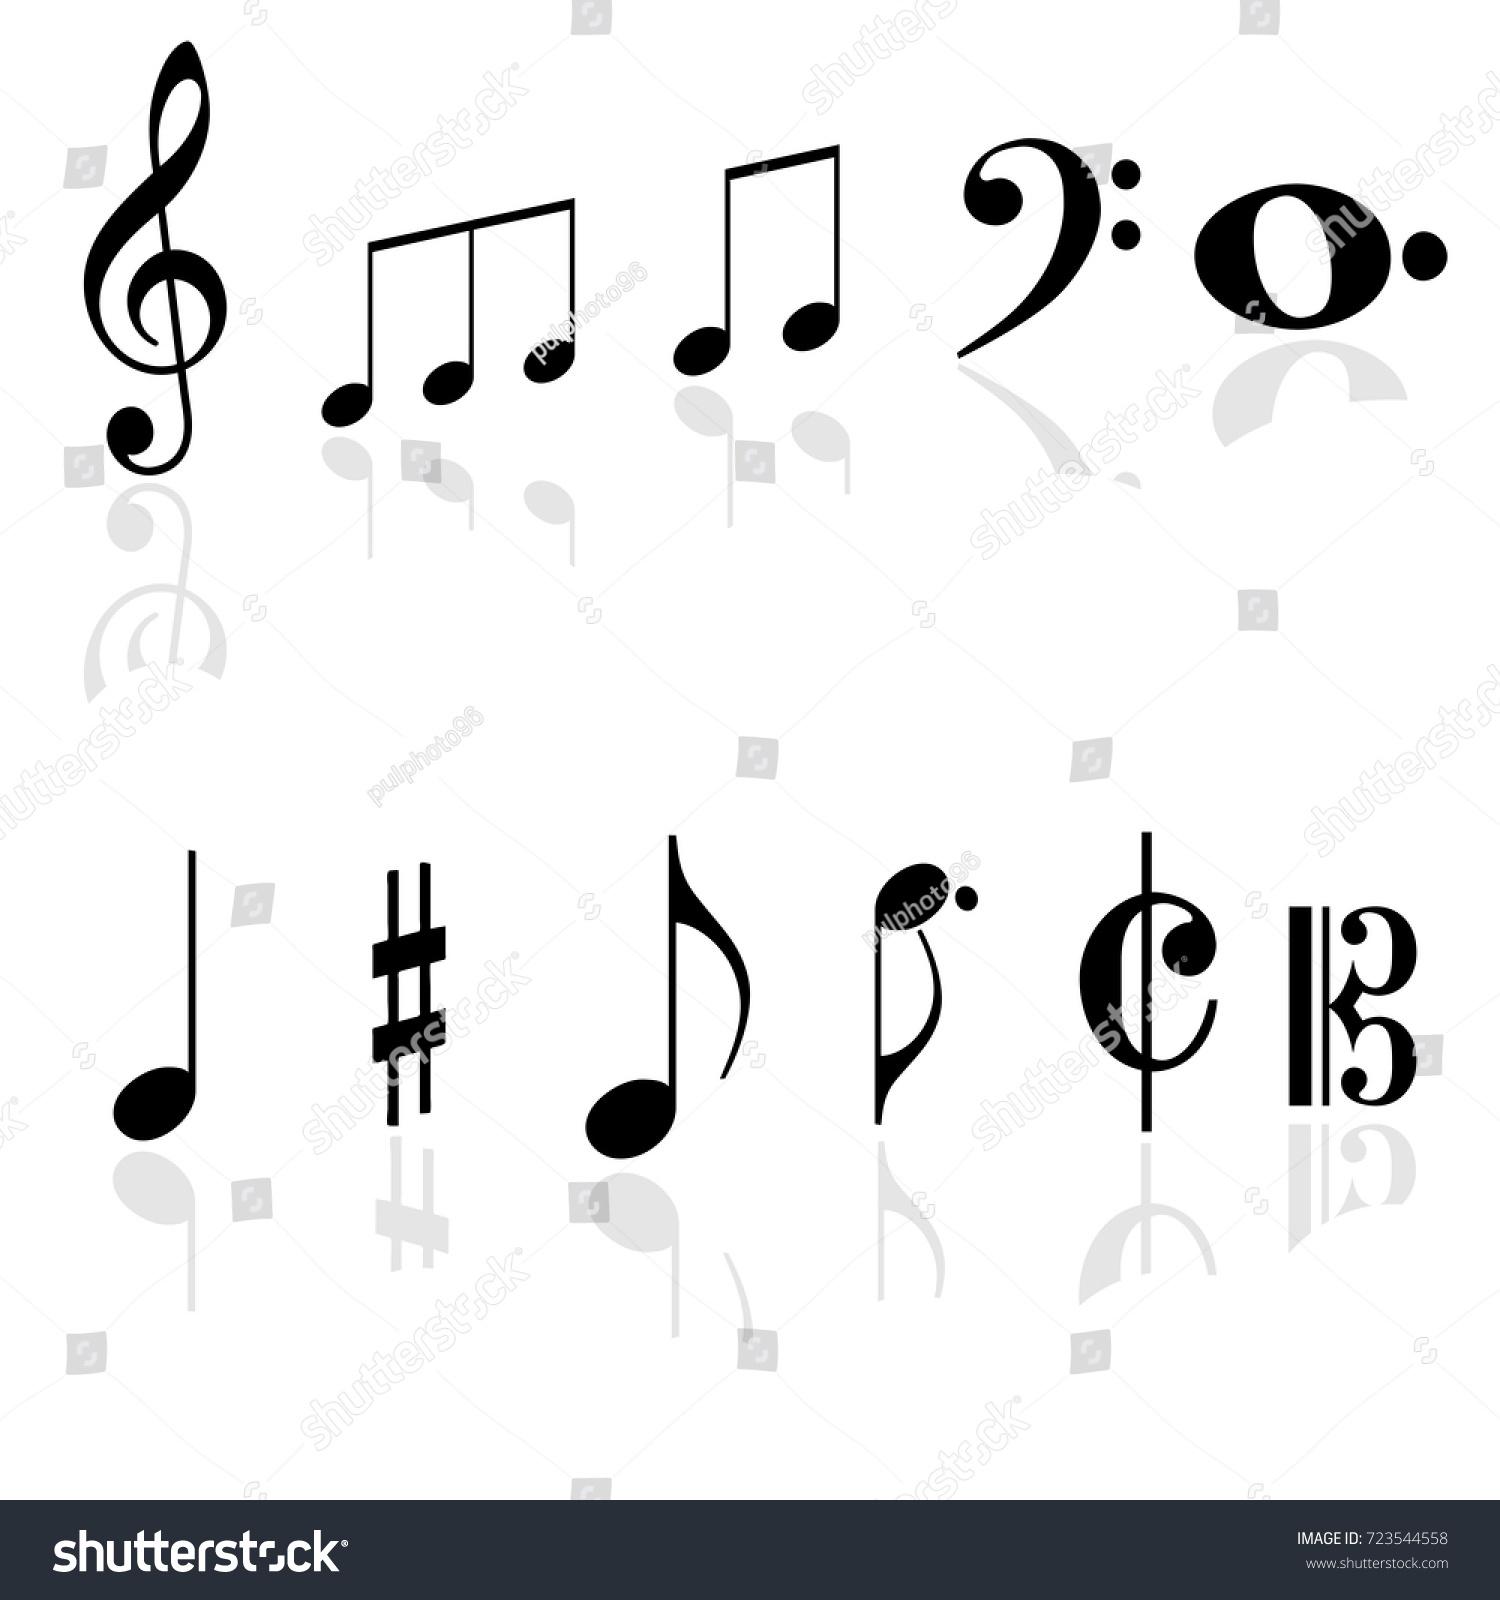 Music notes symbols vectors stock vector 723544558 shutterstock music notes symbols vectors buycottarizona